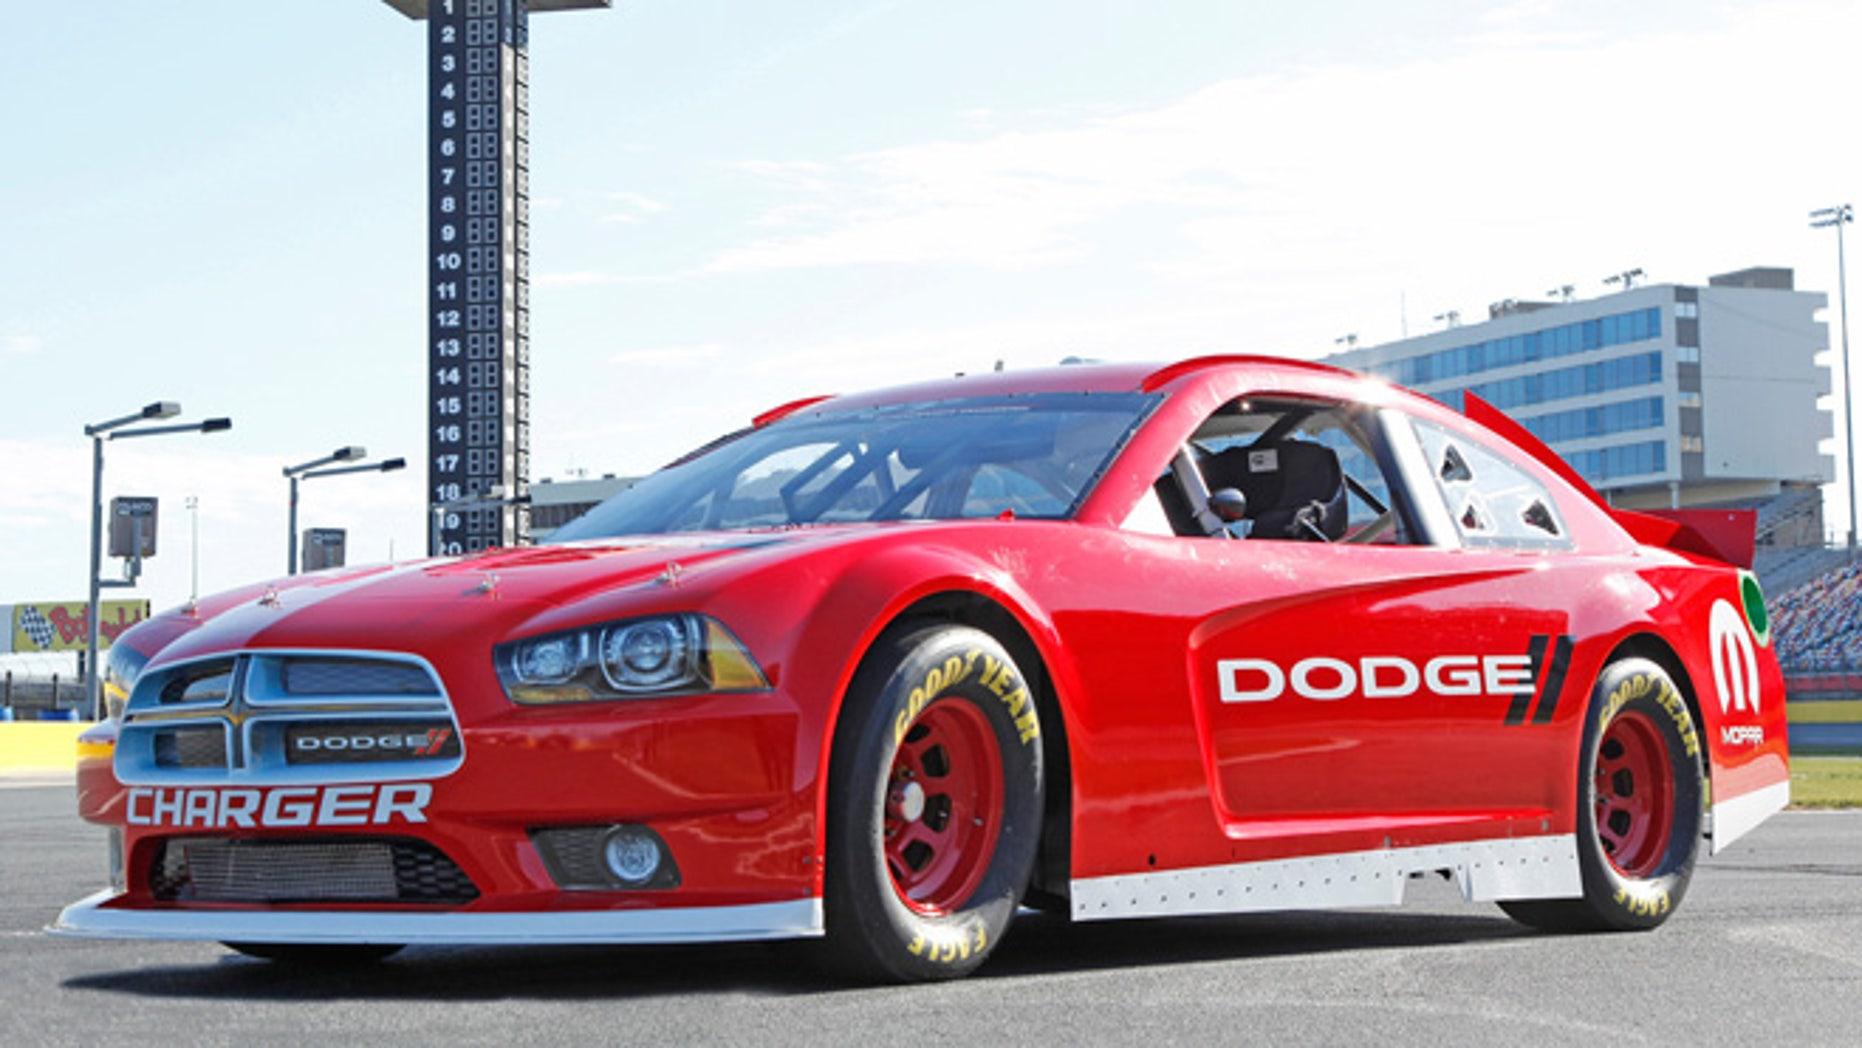 2013 Dodge Charger NASCAR